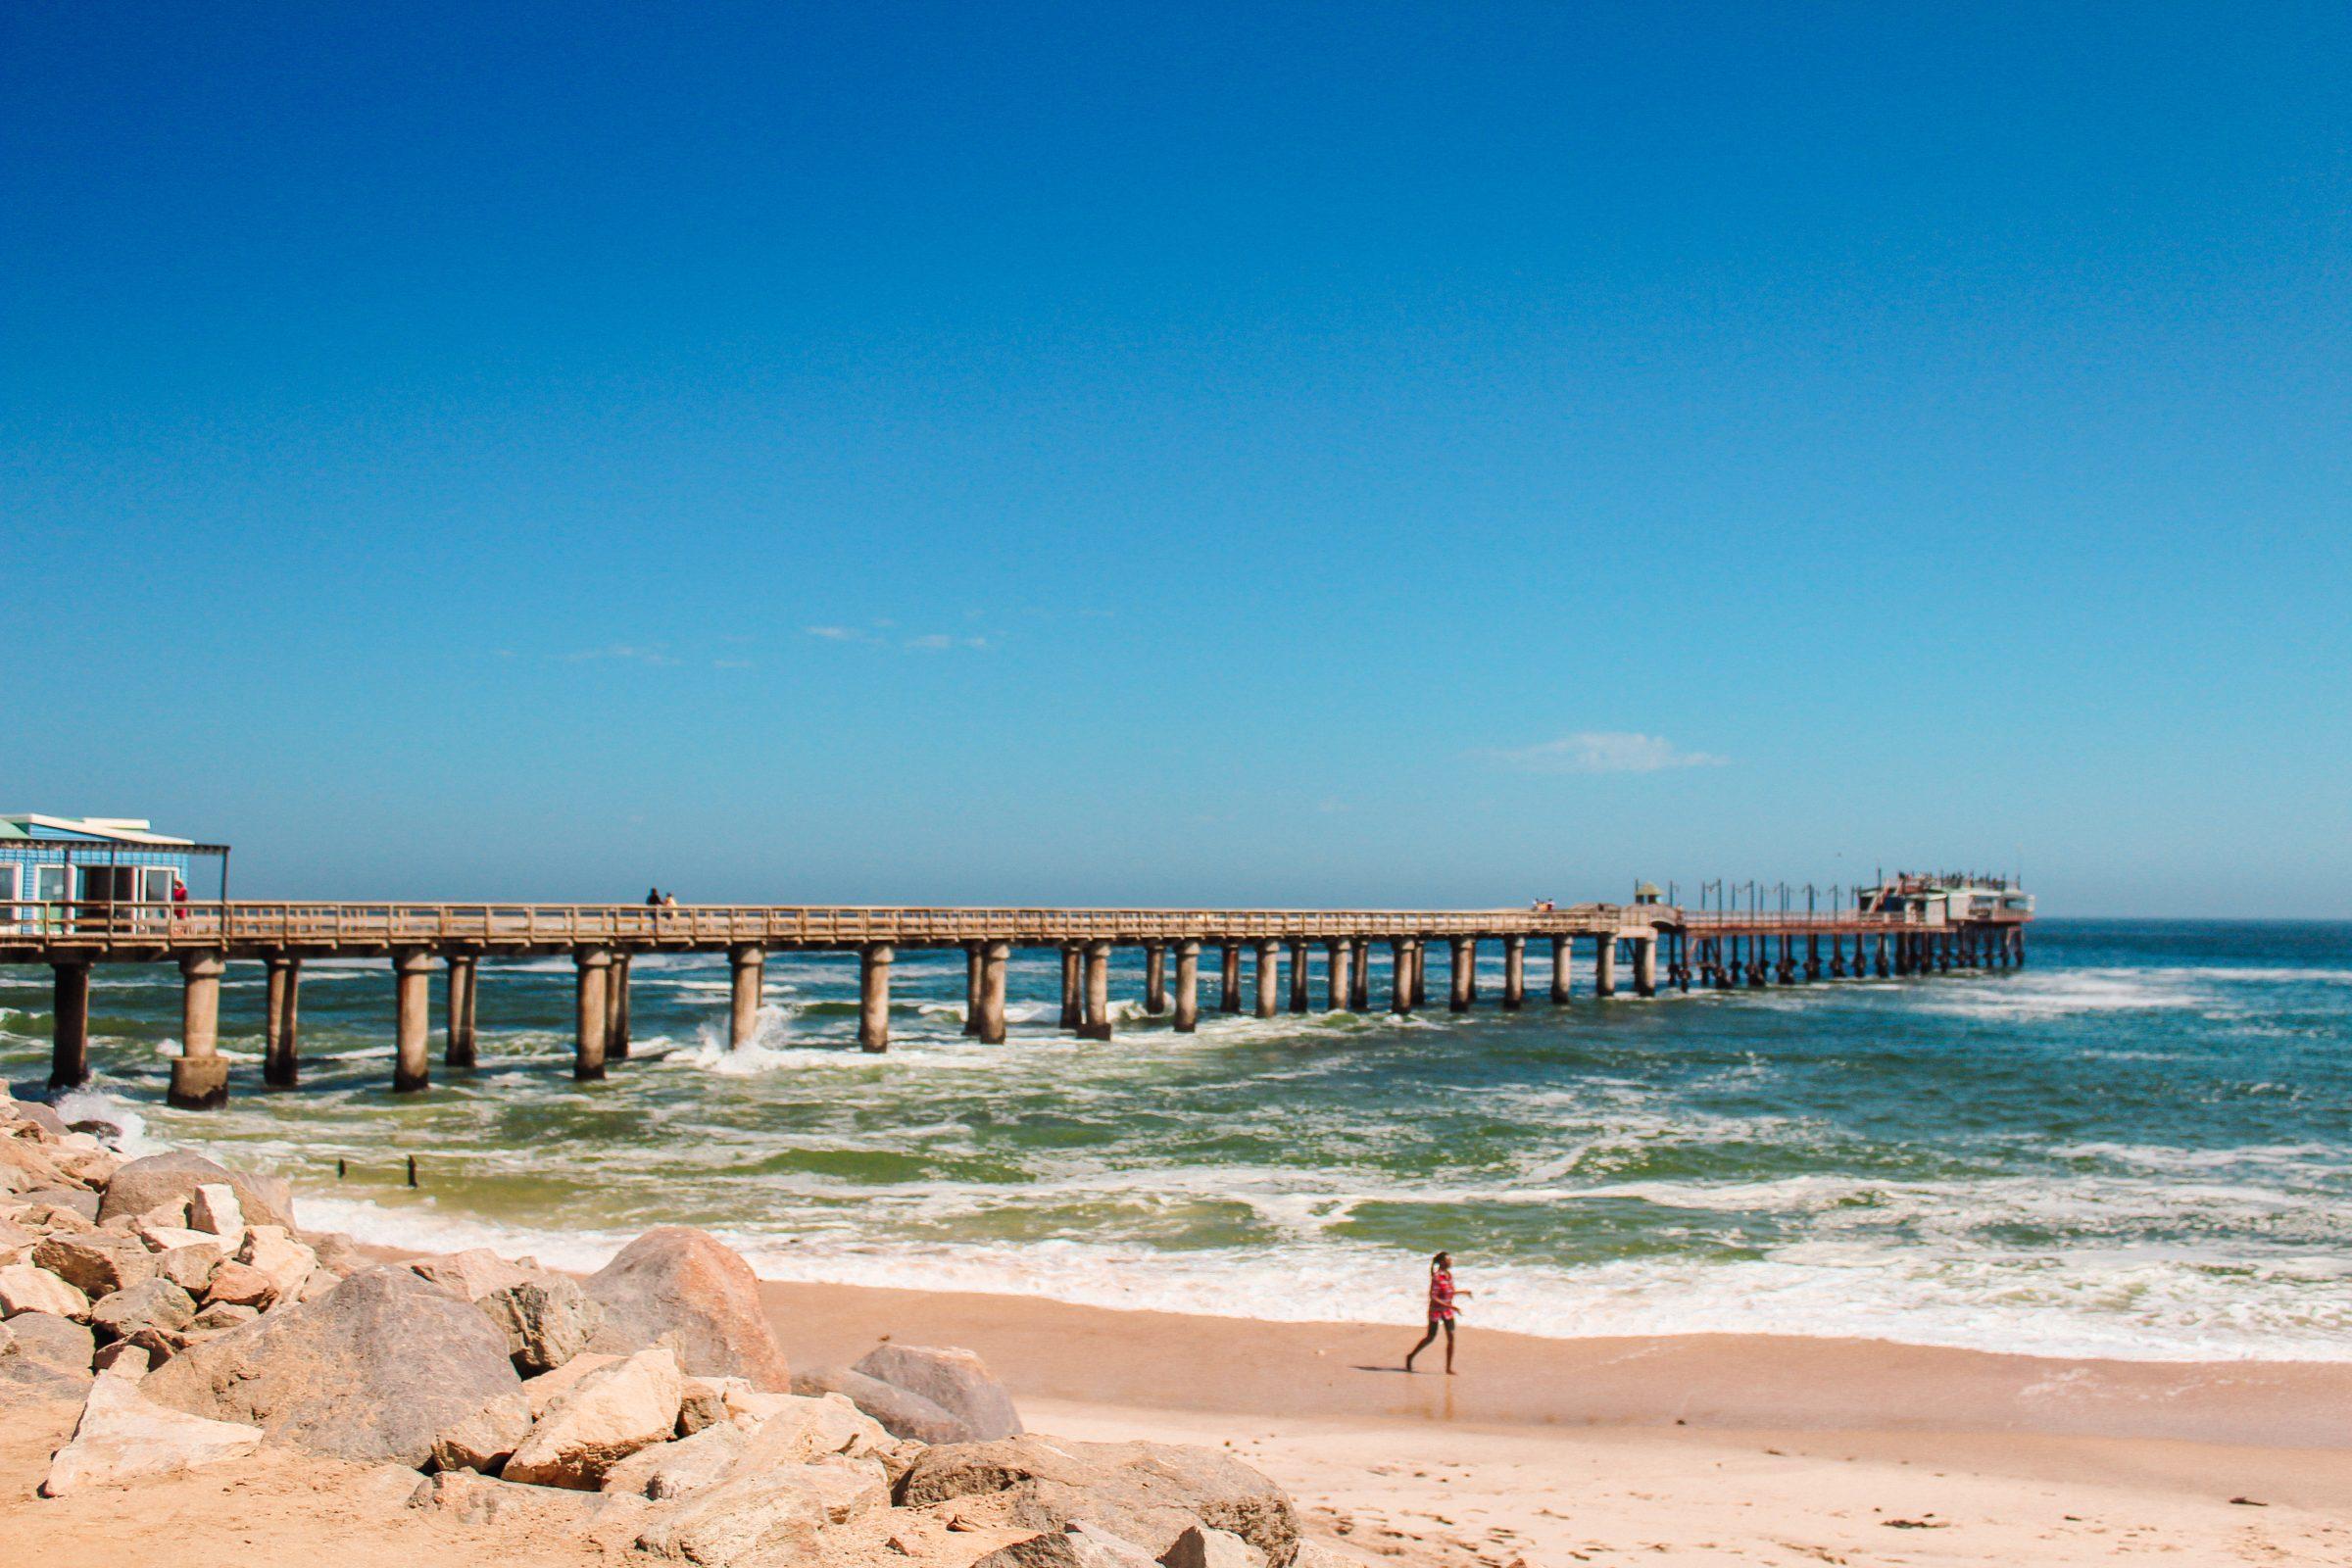 De bekende pier van Swakopmund aan de Atlantische Oceaan